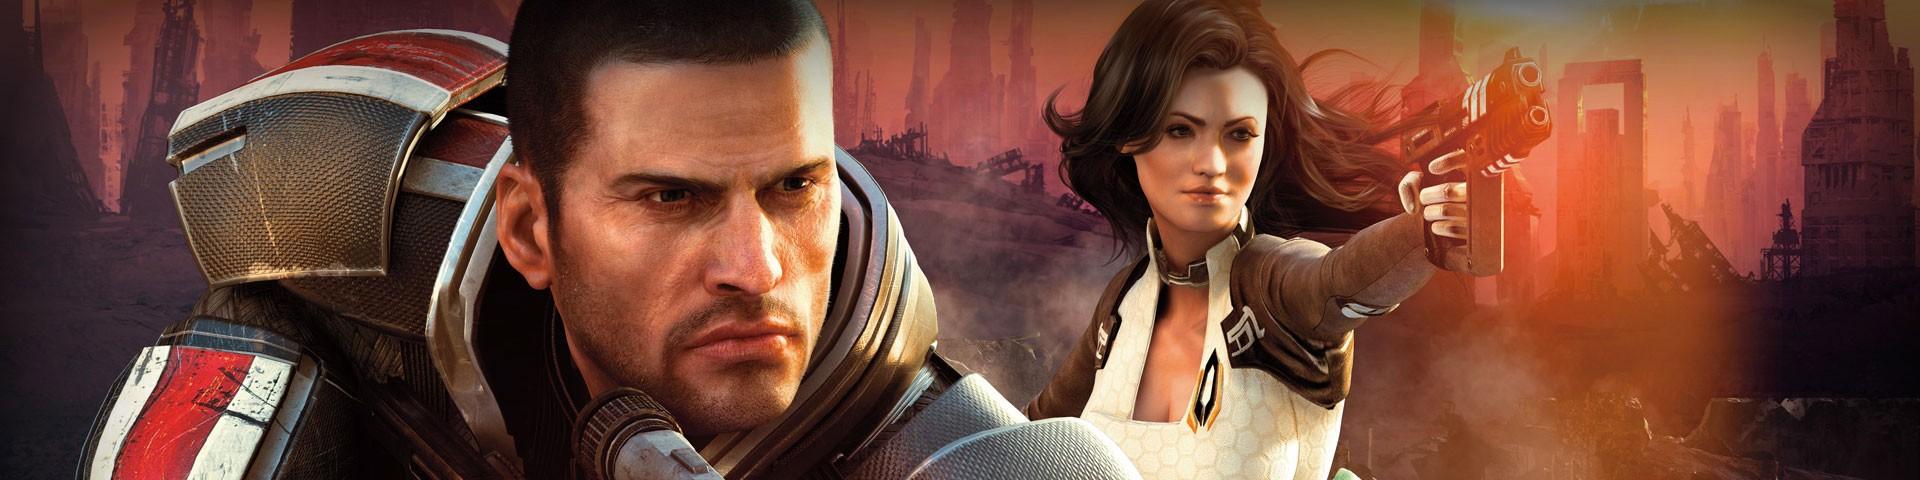 kan du ansluta med Jack i Mass Effect 2